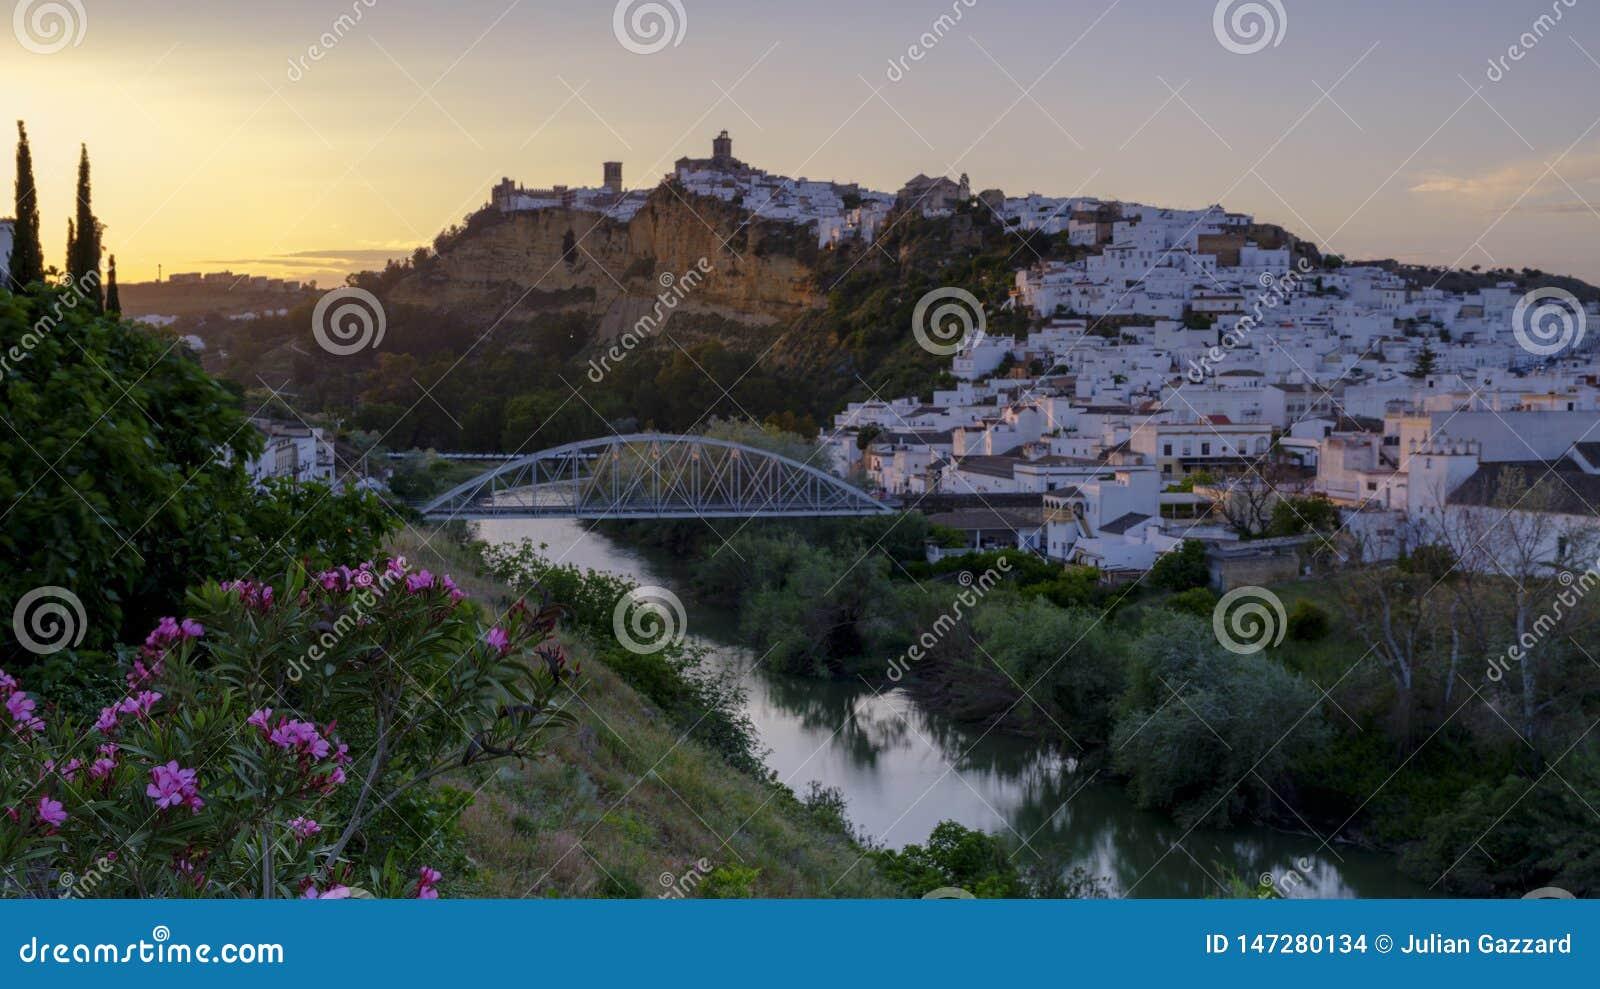 Het vroege avondzonsondergang lichte vallen op de stad van Arcos de la Frontera, Andalucia, Spanje